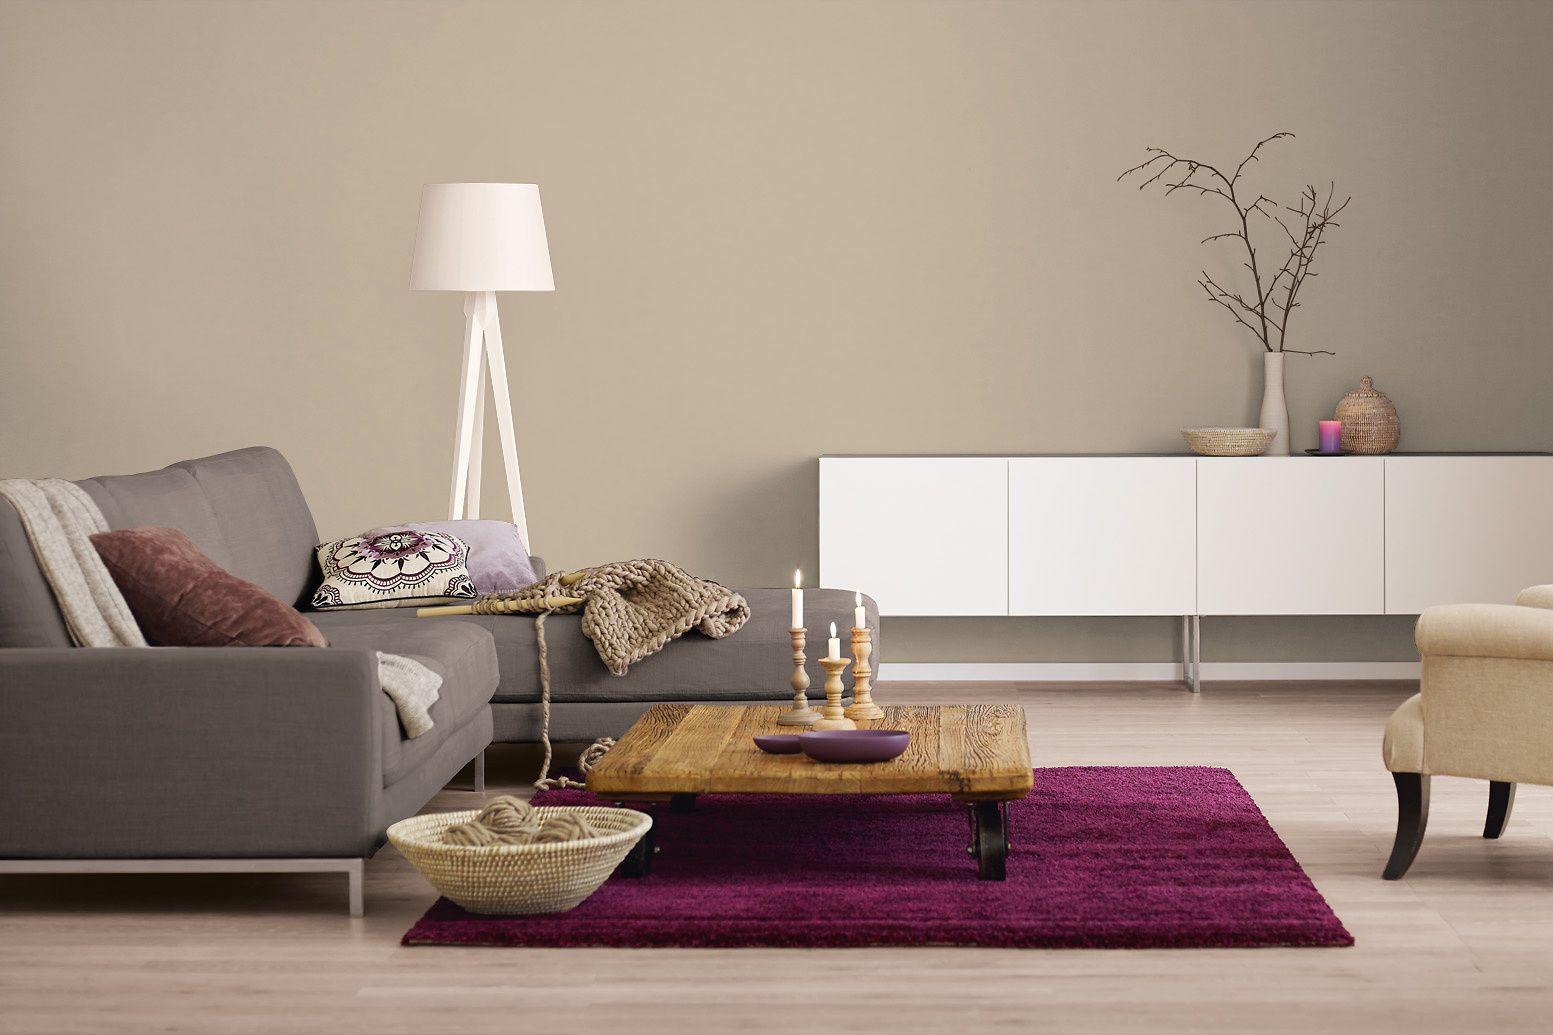 Farbkombinationen wohnzimmer ~ Innenfarbe in braun taupe streichen: alpina farbrezepte zartes